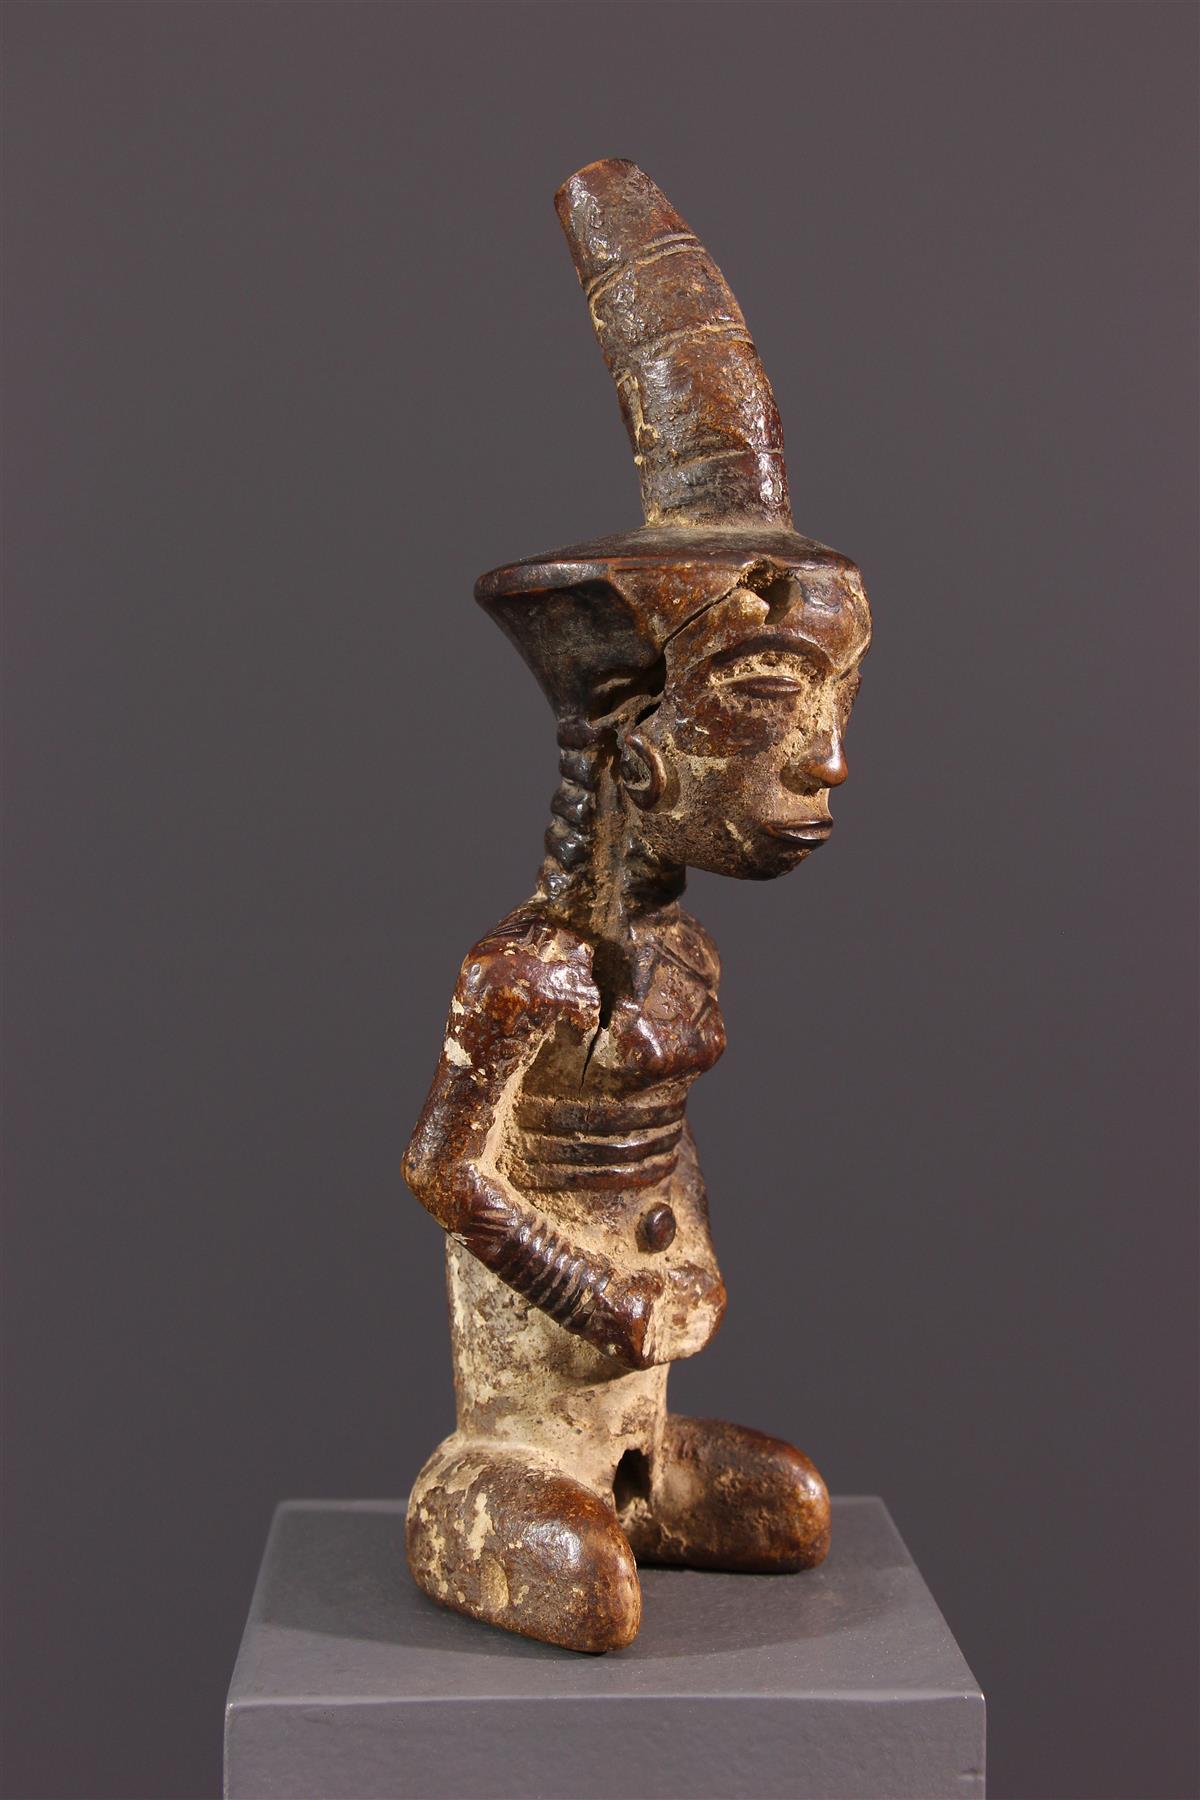 Statuette d'ancêtre Ndengese fétiche - Art africain